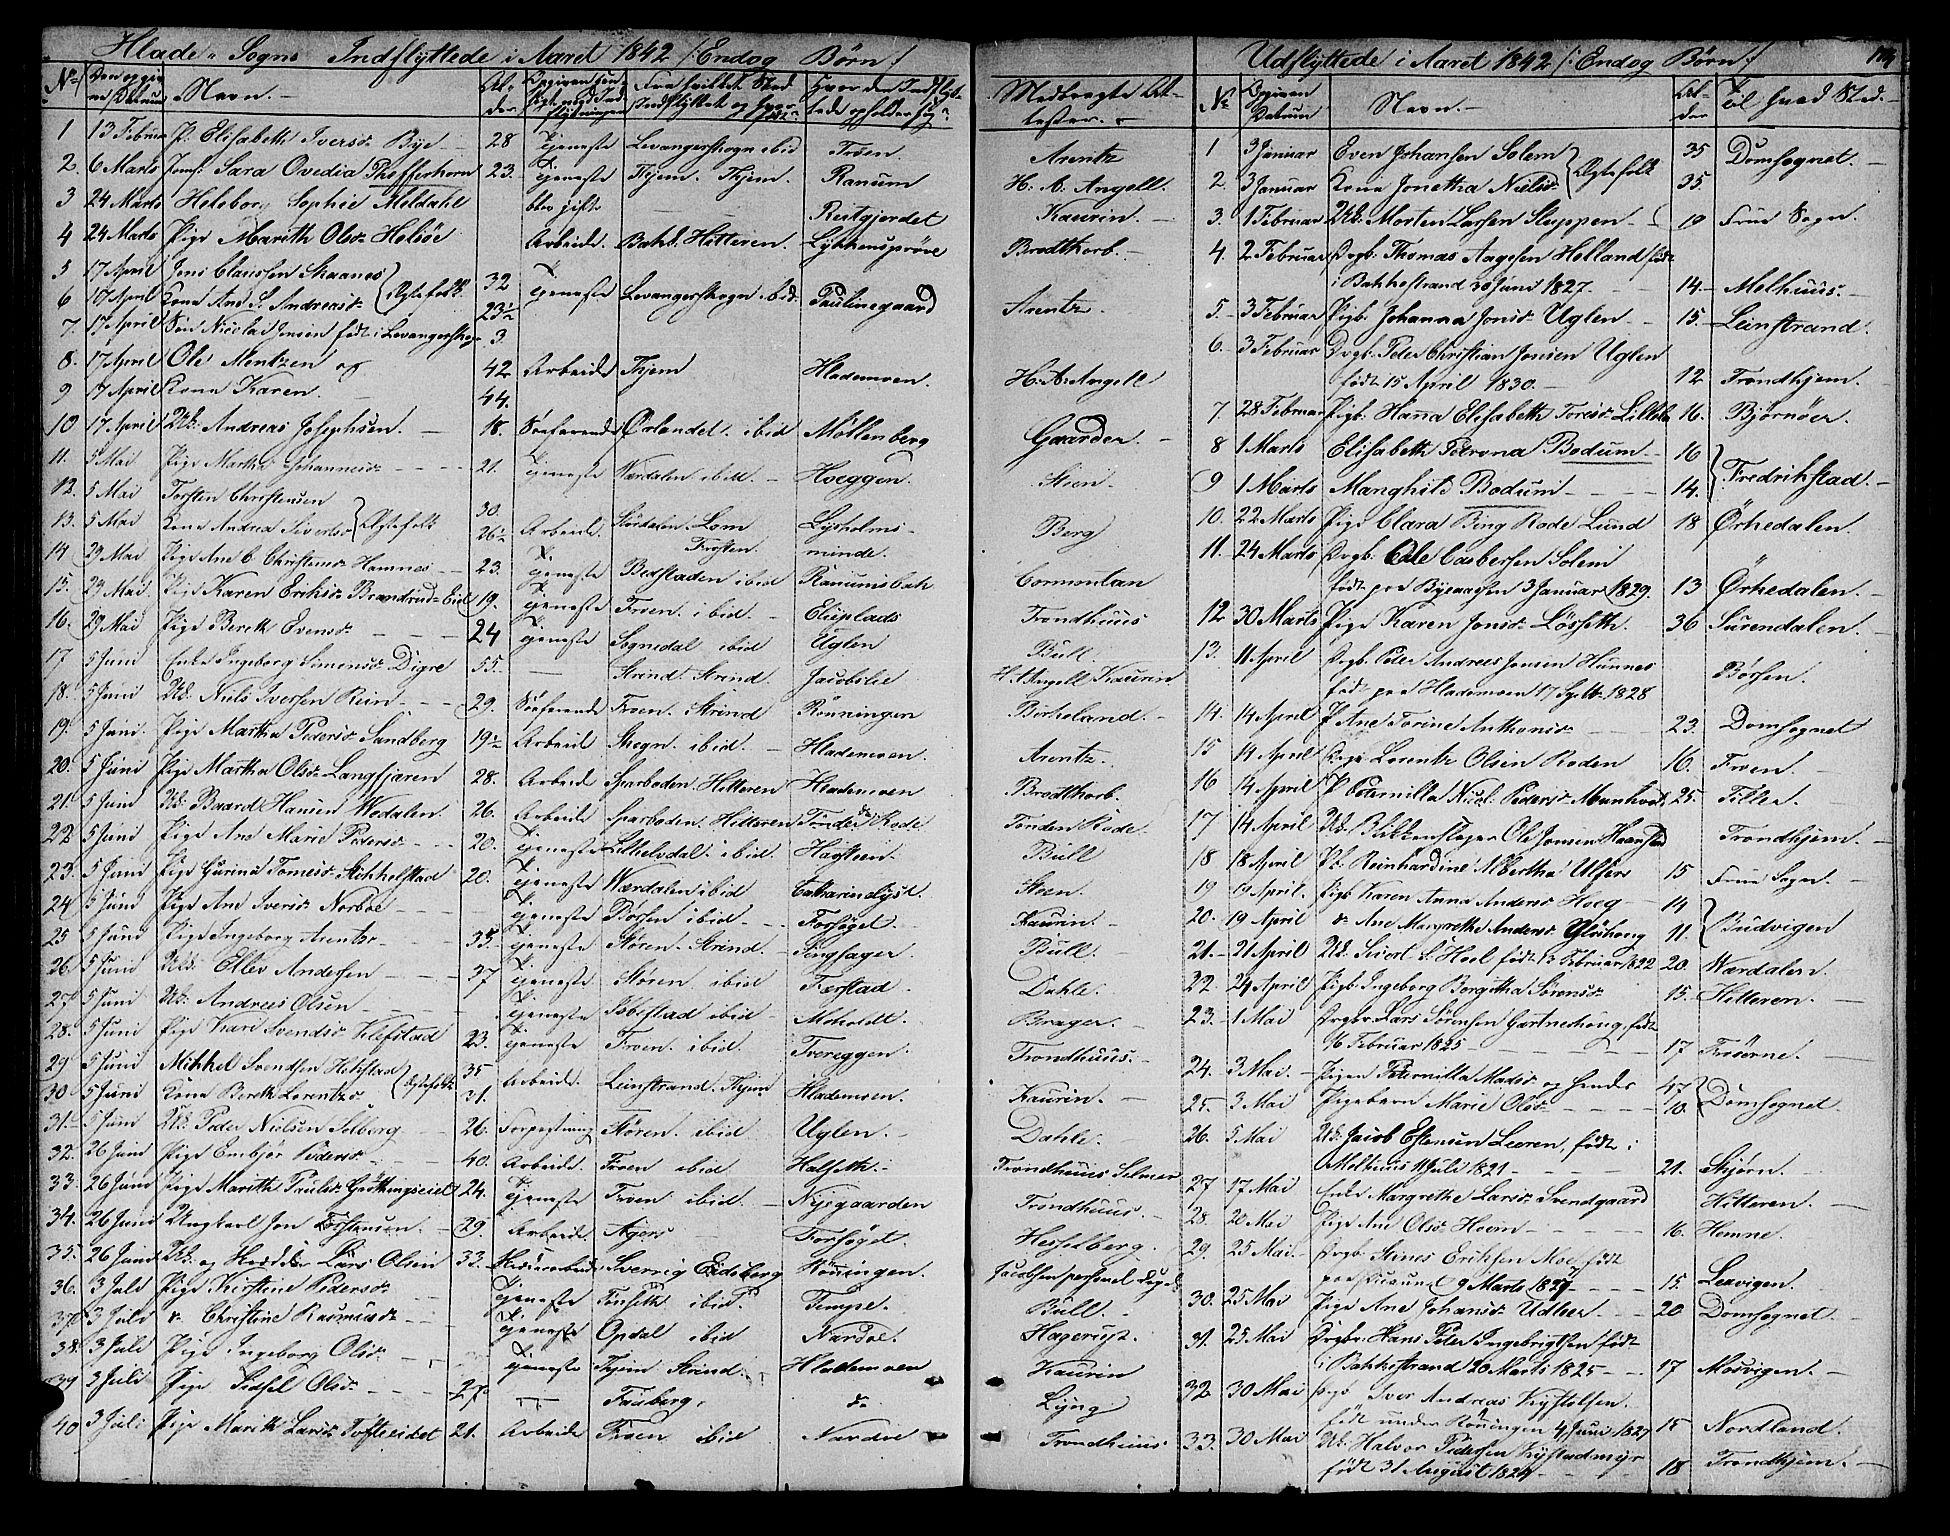 SAT, Ministerialprotokoller, klokkerbøker og fødselsregistre - Sør-Trøndelag, 606/L0309: Klokkerbok nr. 606C05, 1841-1849, s. 174